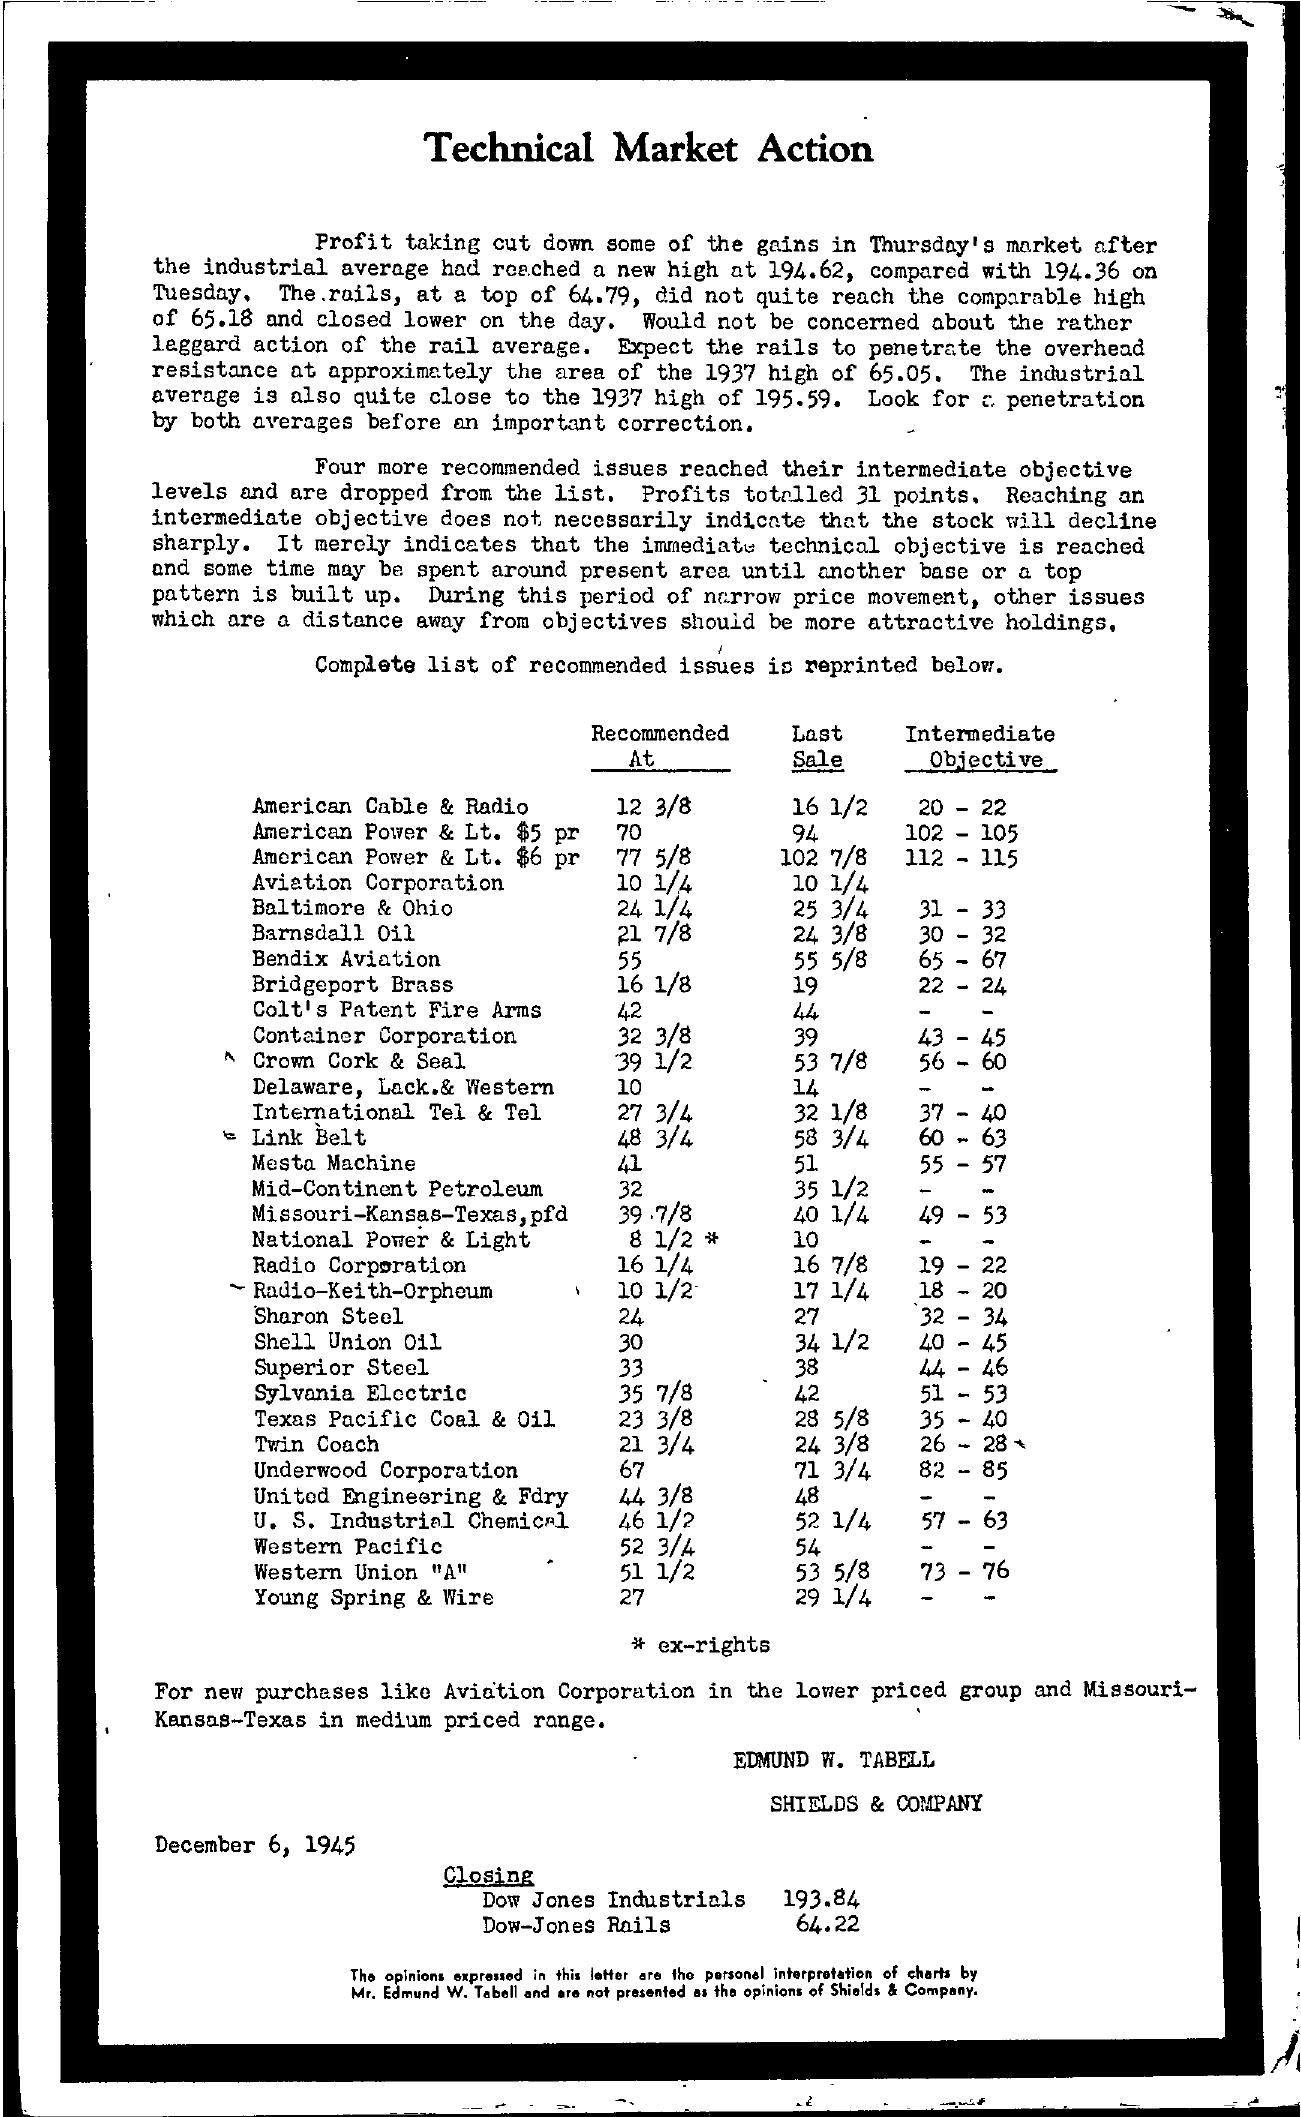 Tabell's Market Letter - December 06, 1945